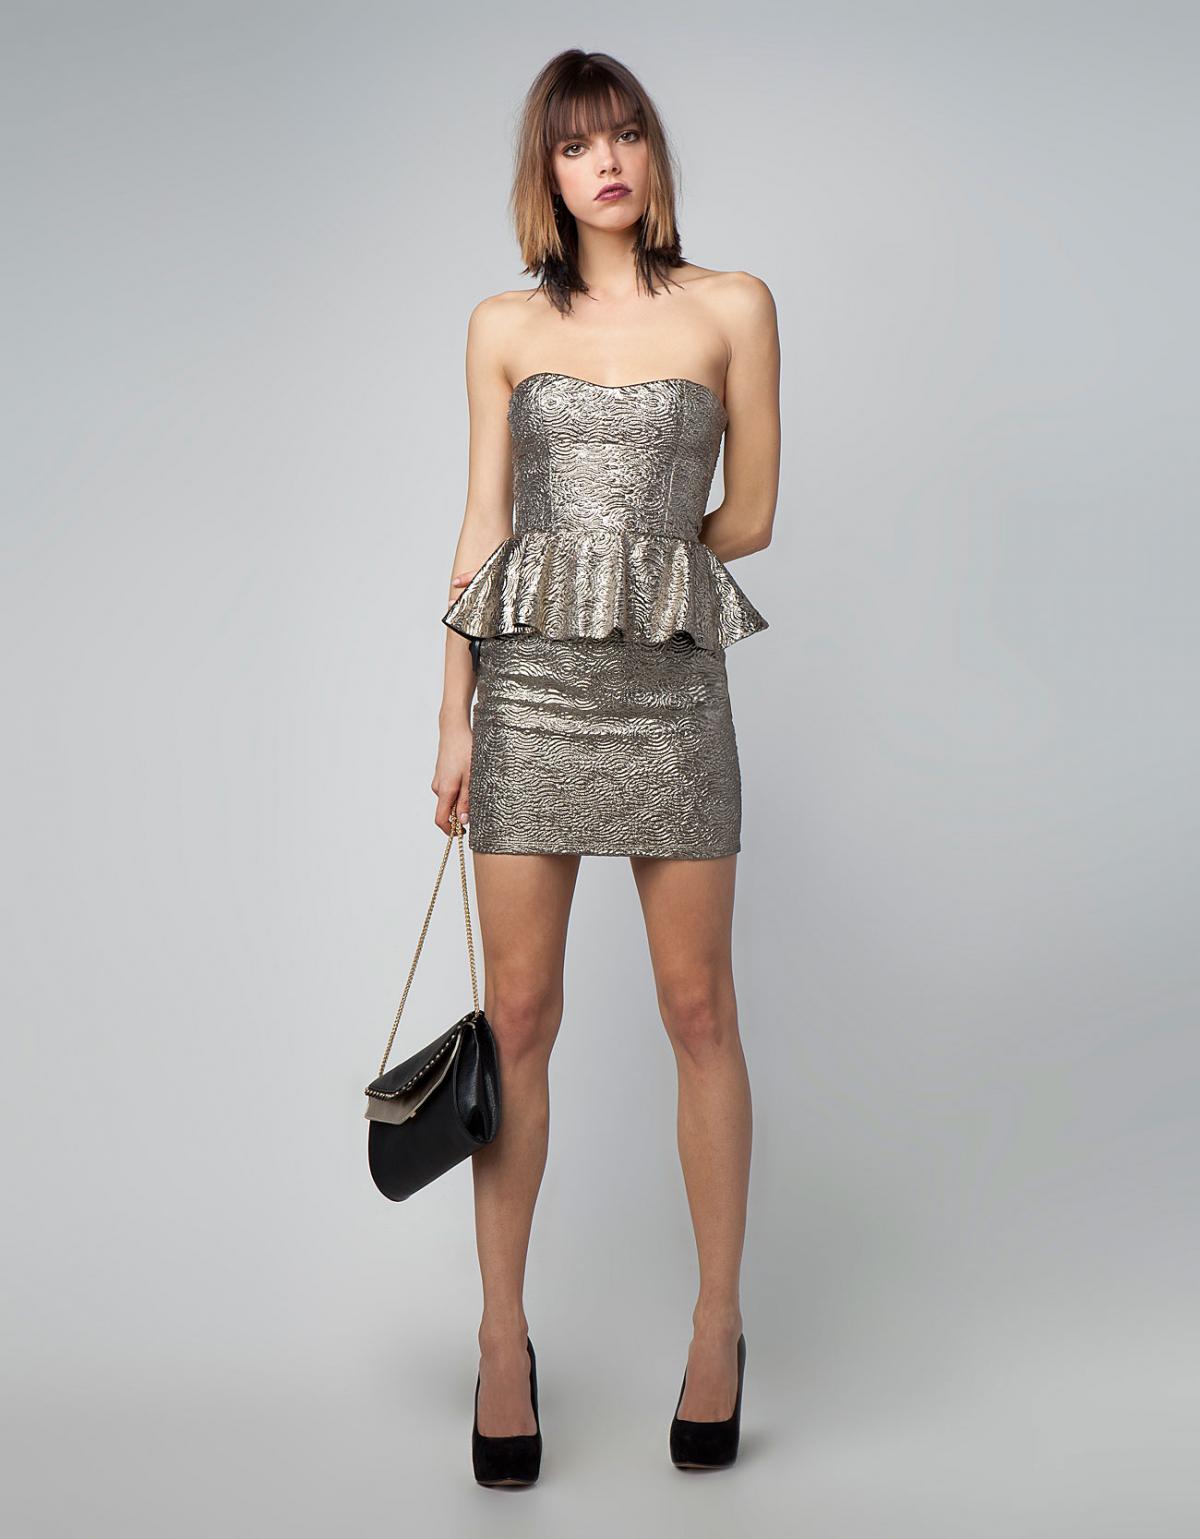 45e5139c43 Magia błyskotek - wieczorowe sukienki 2013. mini z baskinką sukienka Bershka  w kolorze srebrnym - sukienka na studniówkę